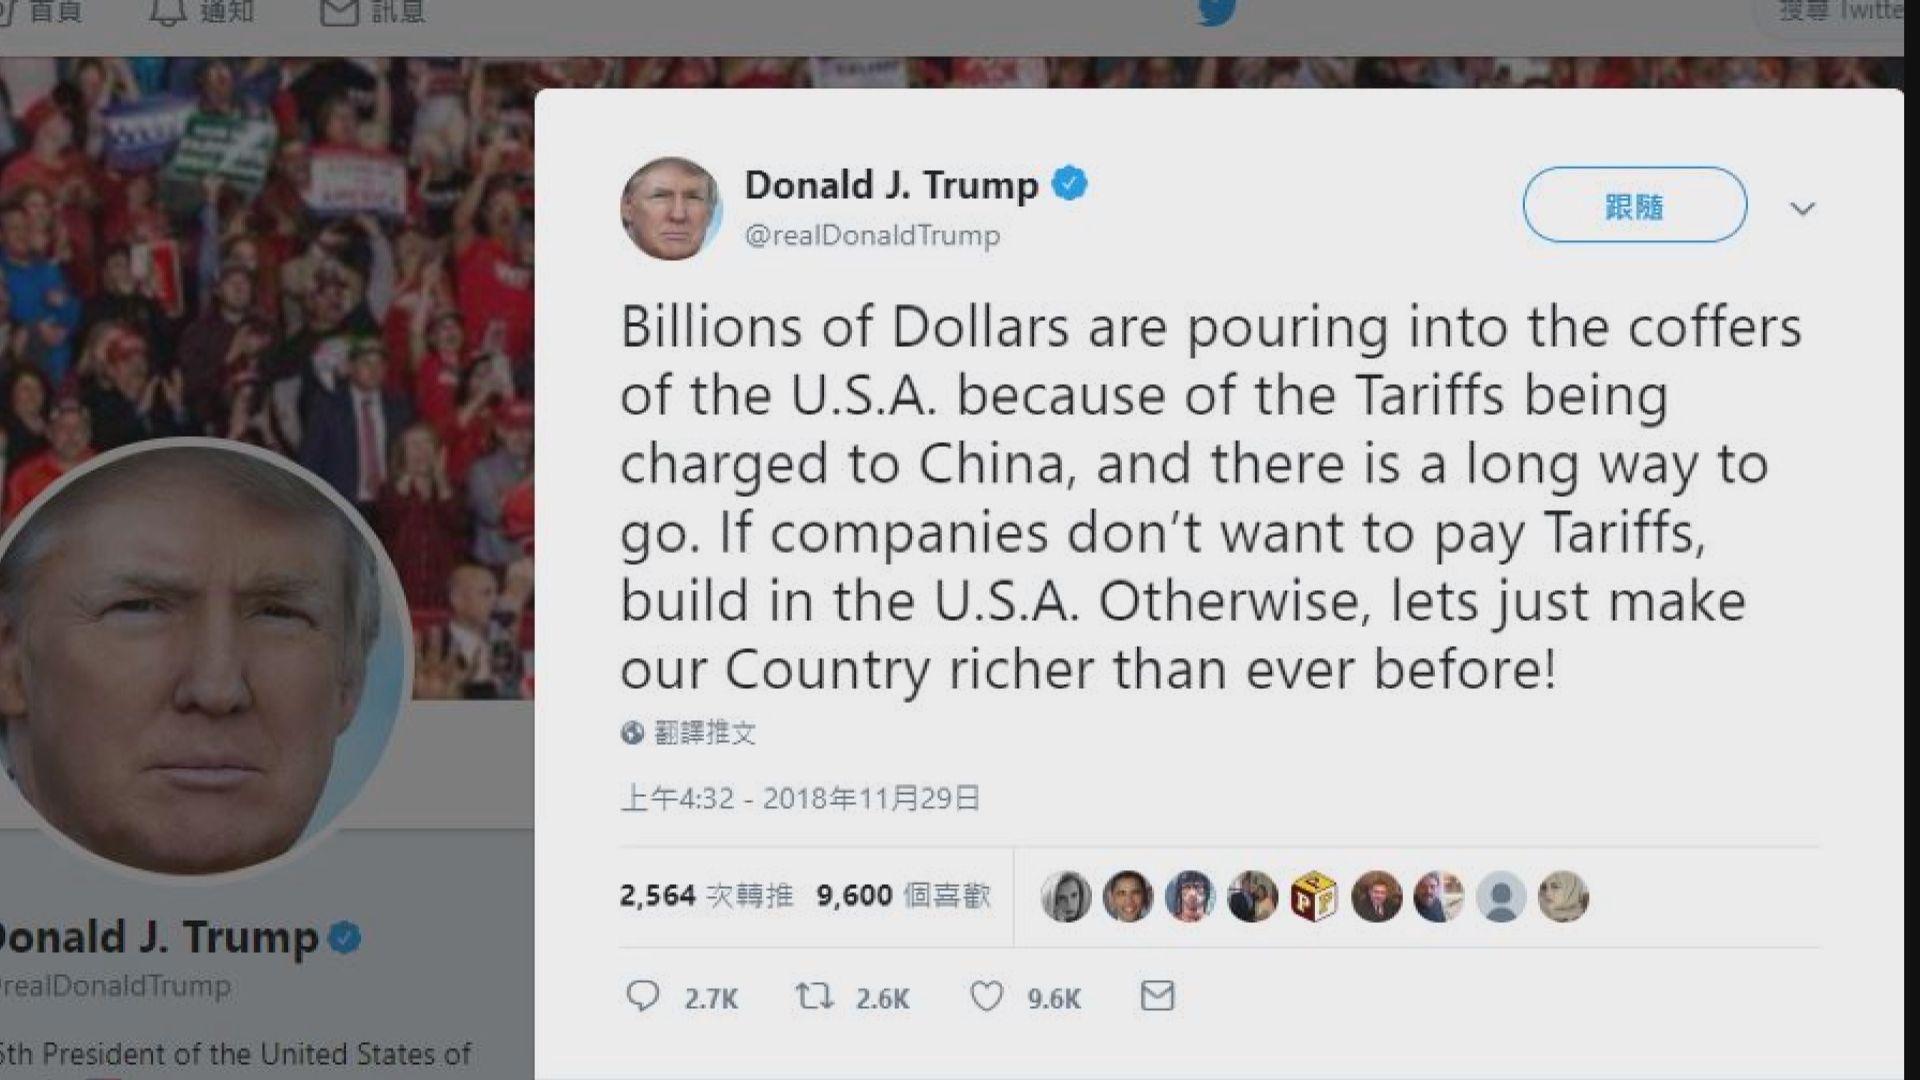 特朗普提醒企業在美國設廠免受關稅影響